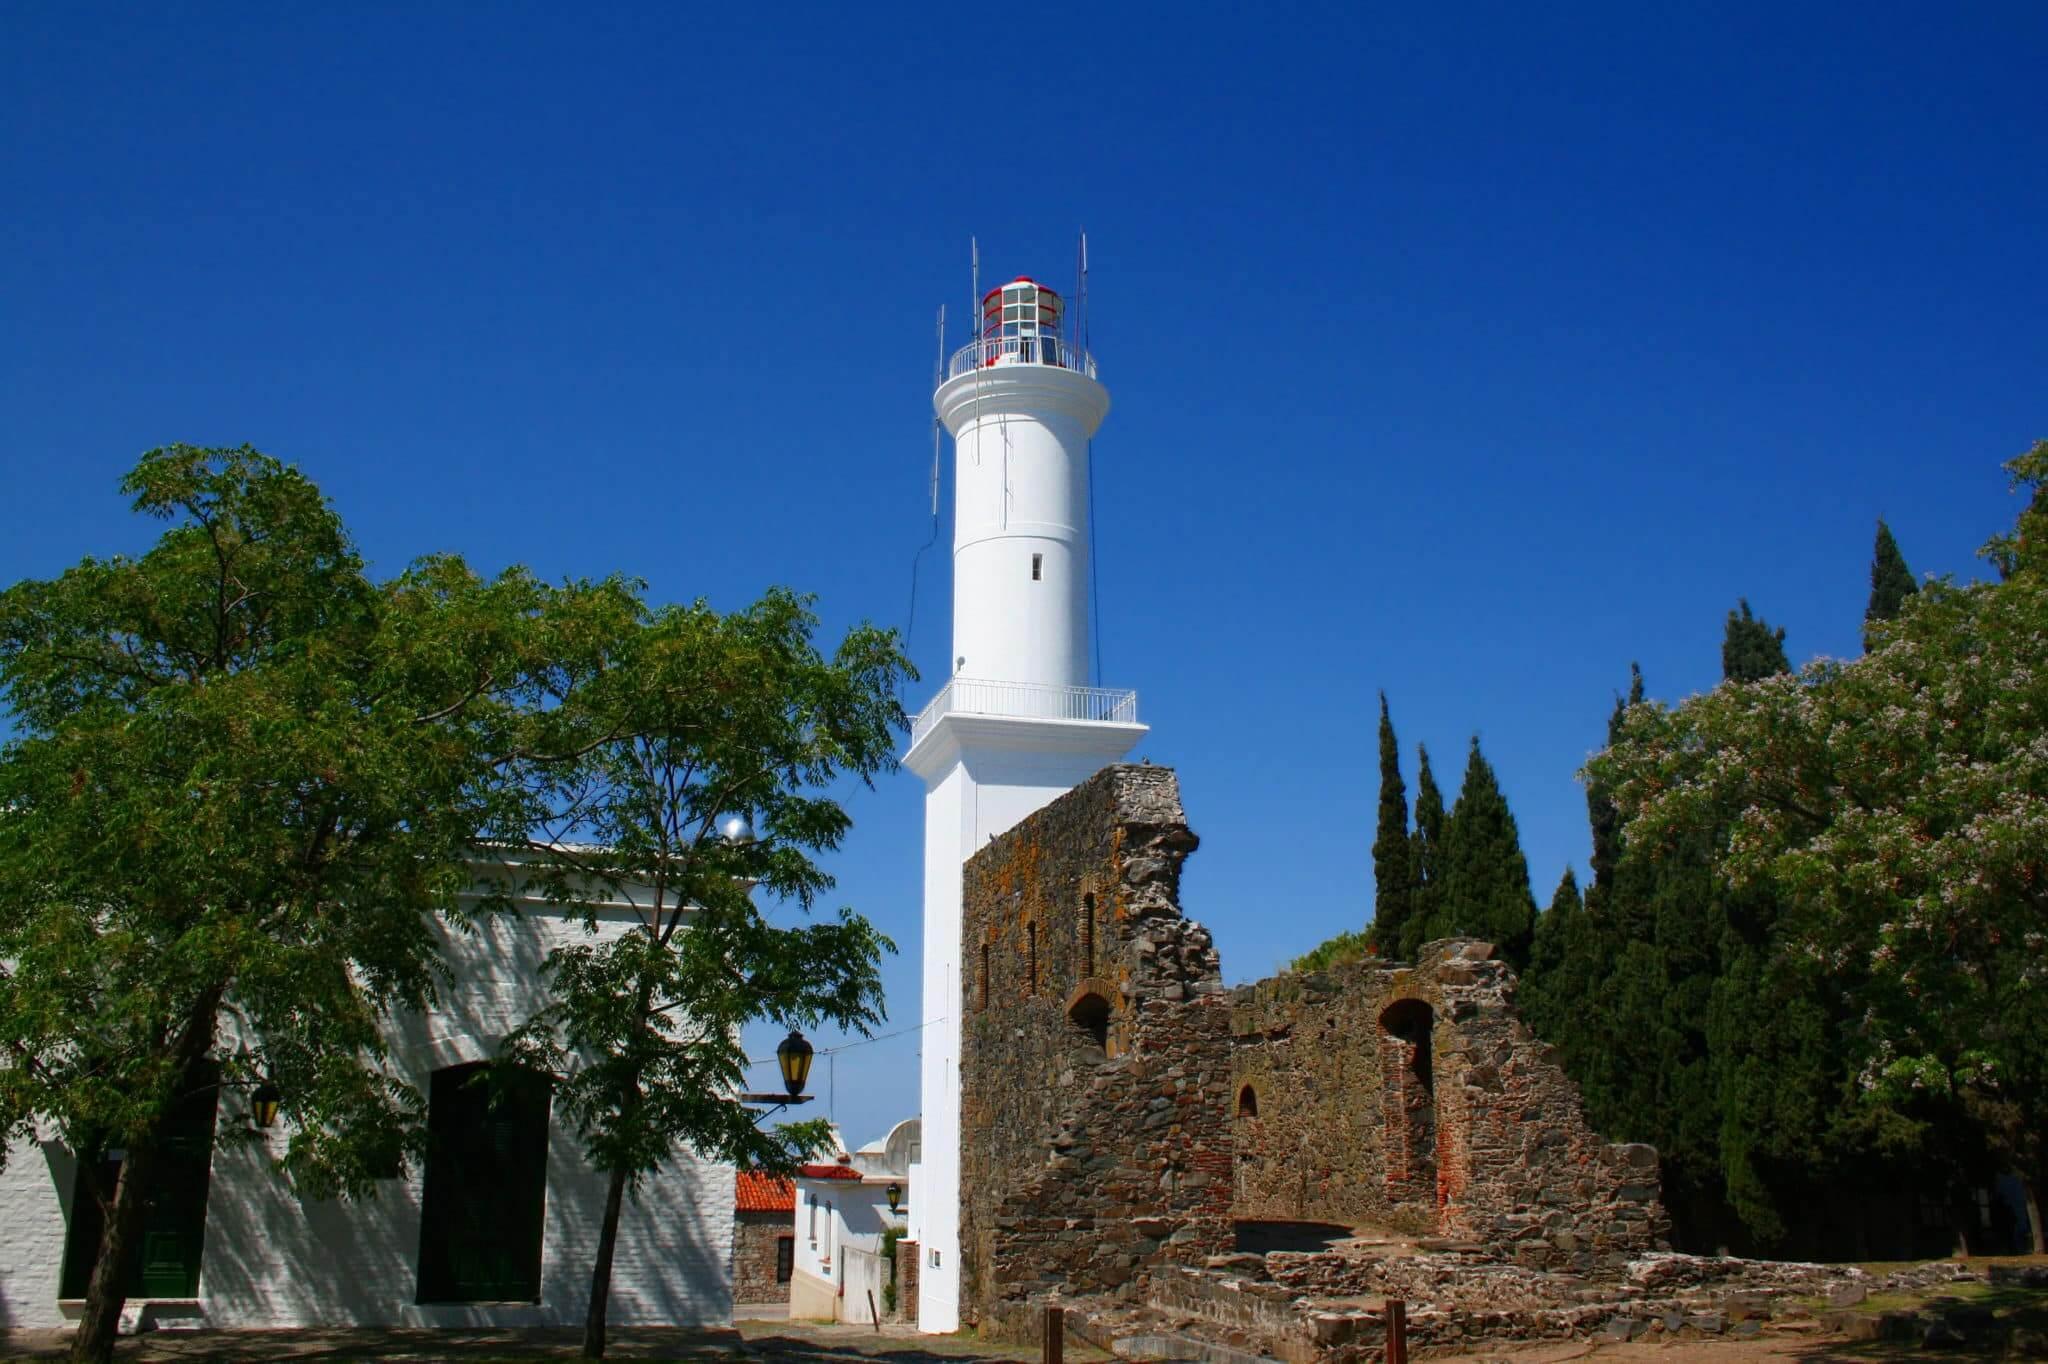 Roteiro de 6 dias no Uruguai: Farol de Colonia del Sacramento